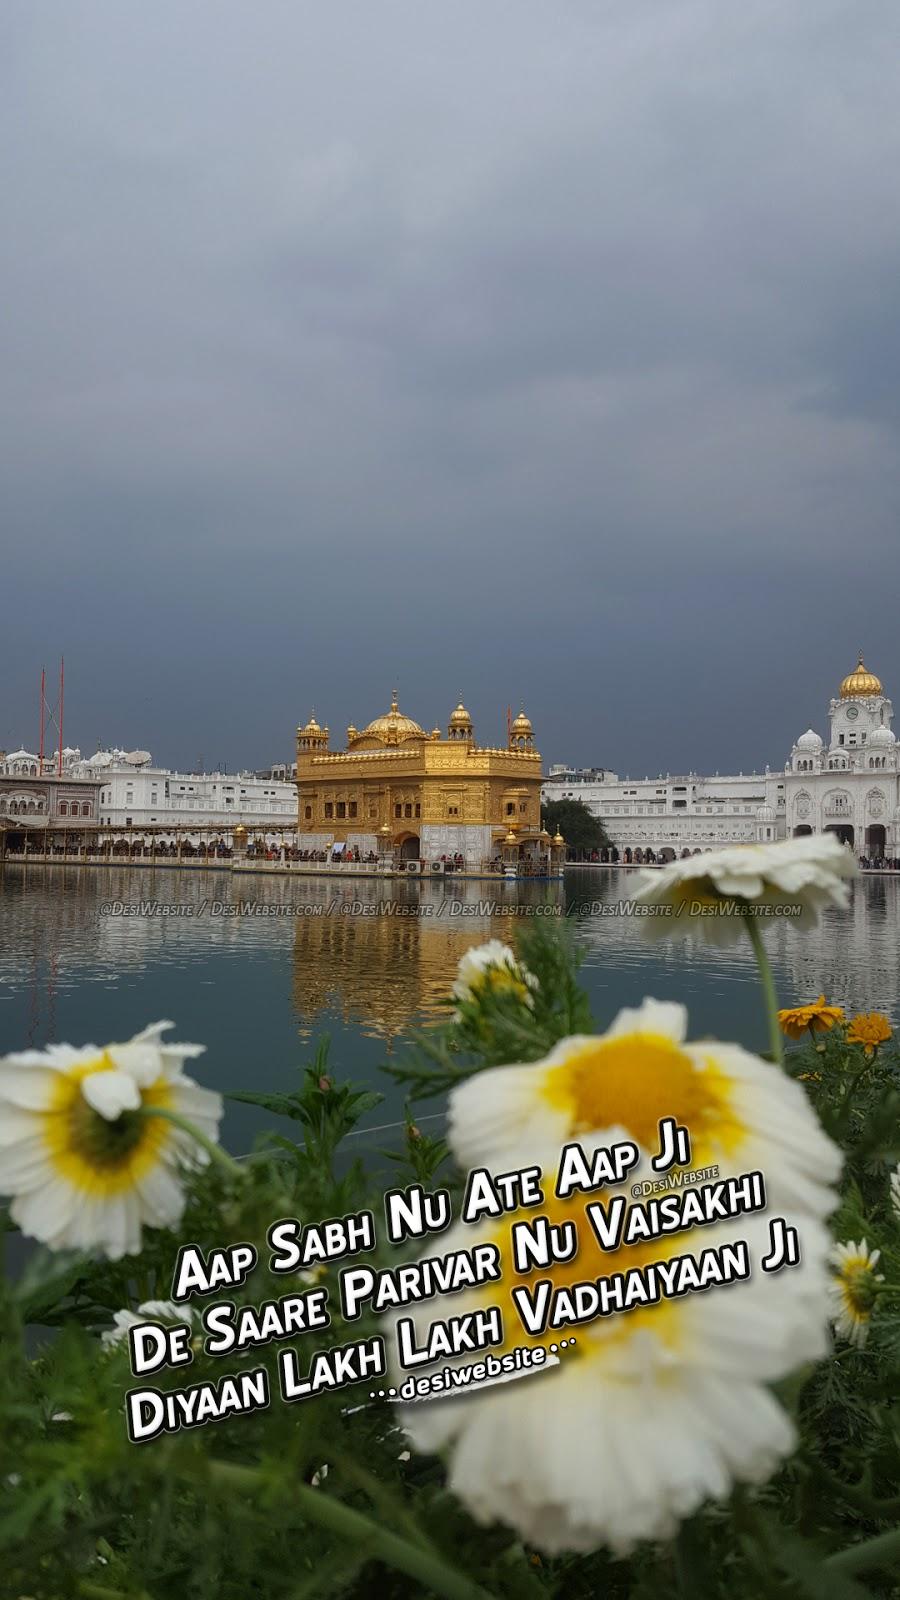 Vaisakhi Diyaan Lakh Lakh Vadhaiyaan Ji (2) - desiwebsite